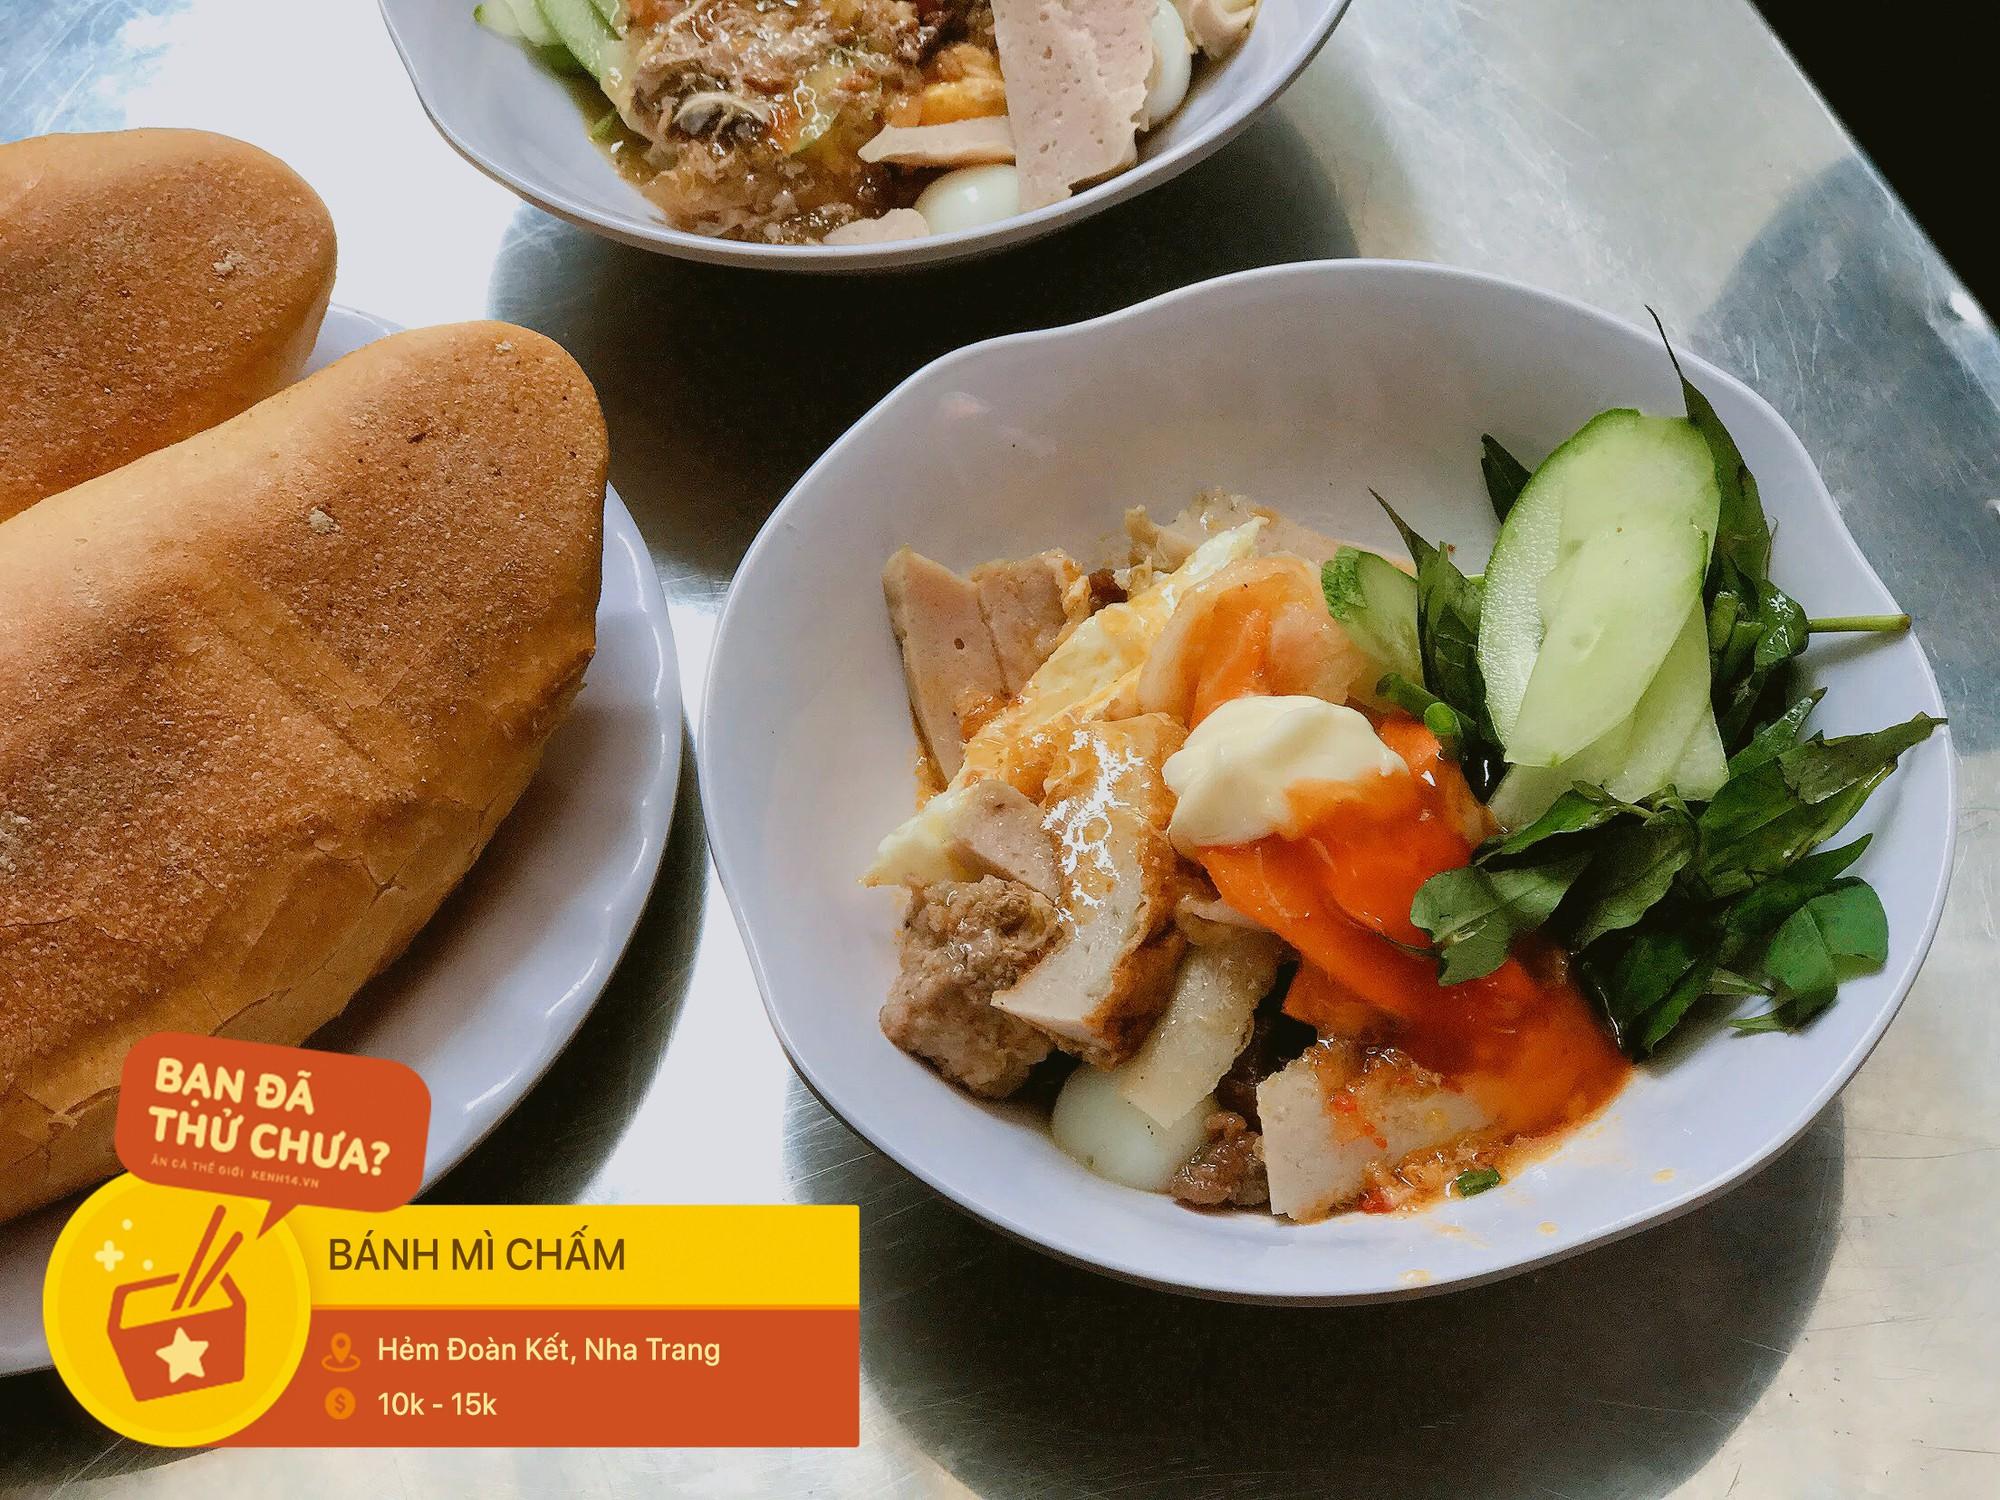 Nhiều người không ngại khó chui hẻm ở Nha Trang để ăn cho bằng được món bánh mì chấm quen mà lạ - Ảnh 6.